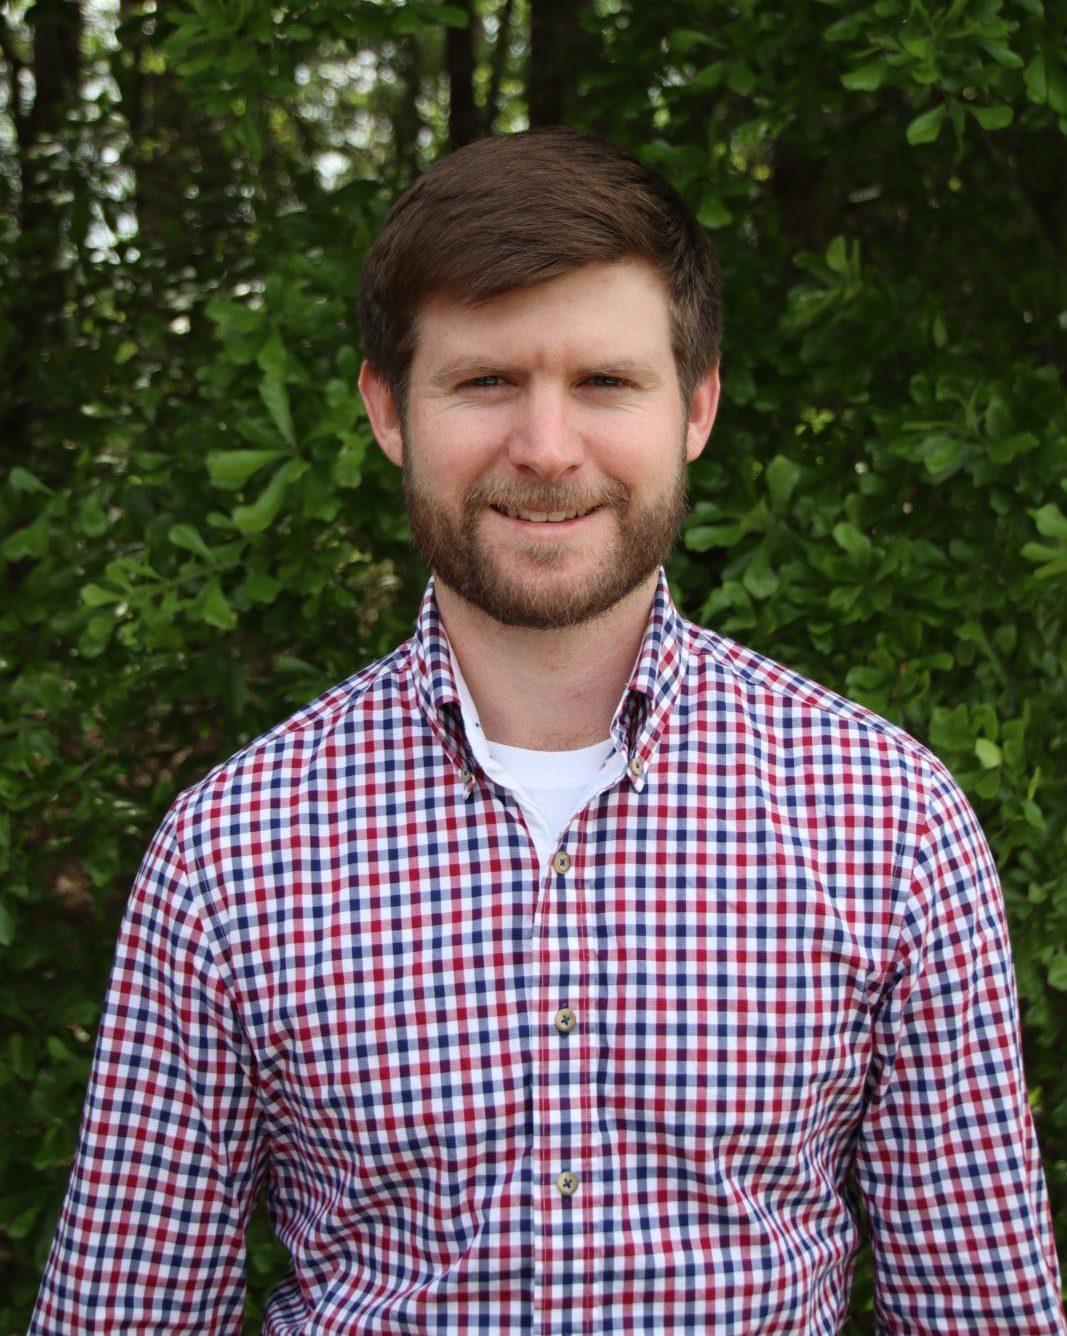 Micah McHugh